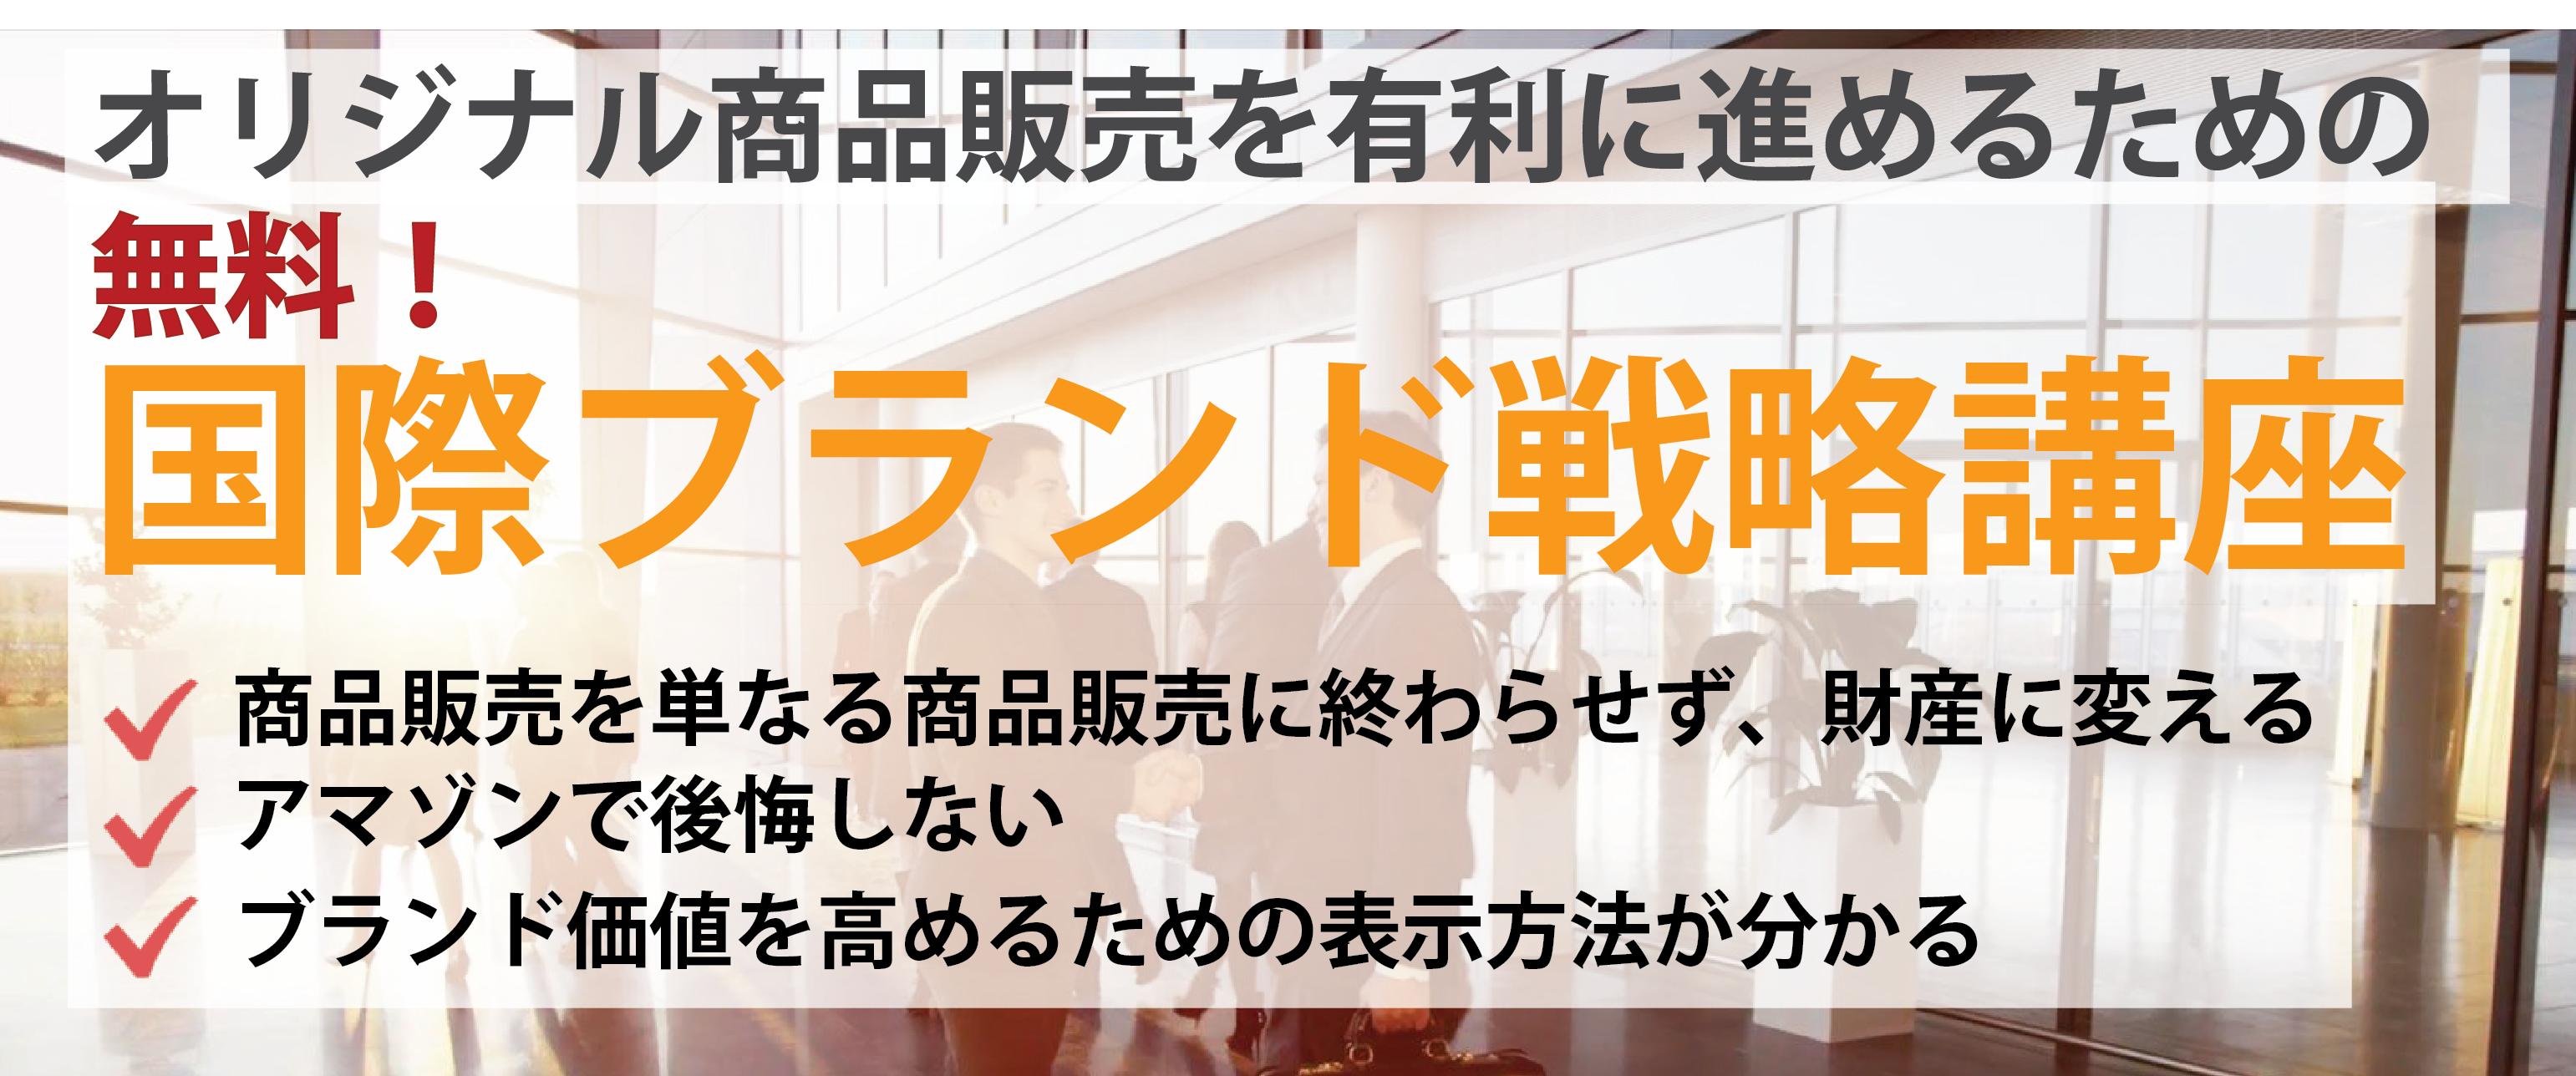 '矢口太郎_プロフィール'